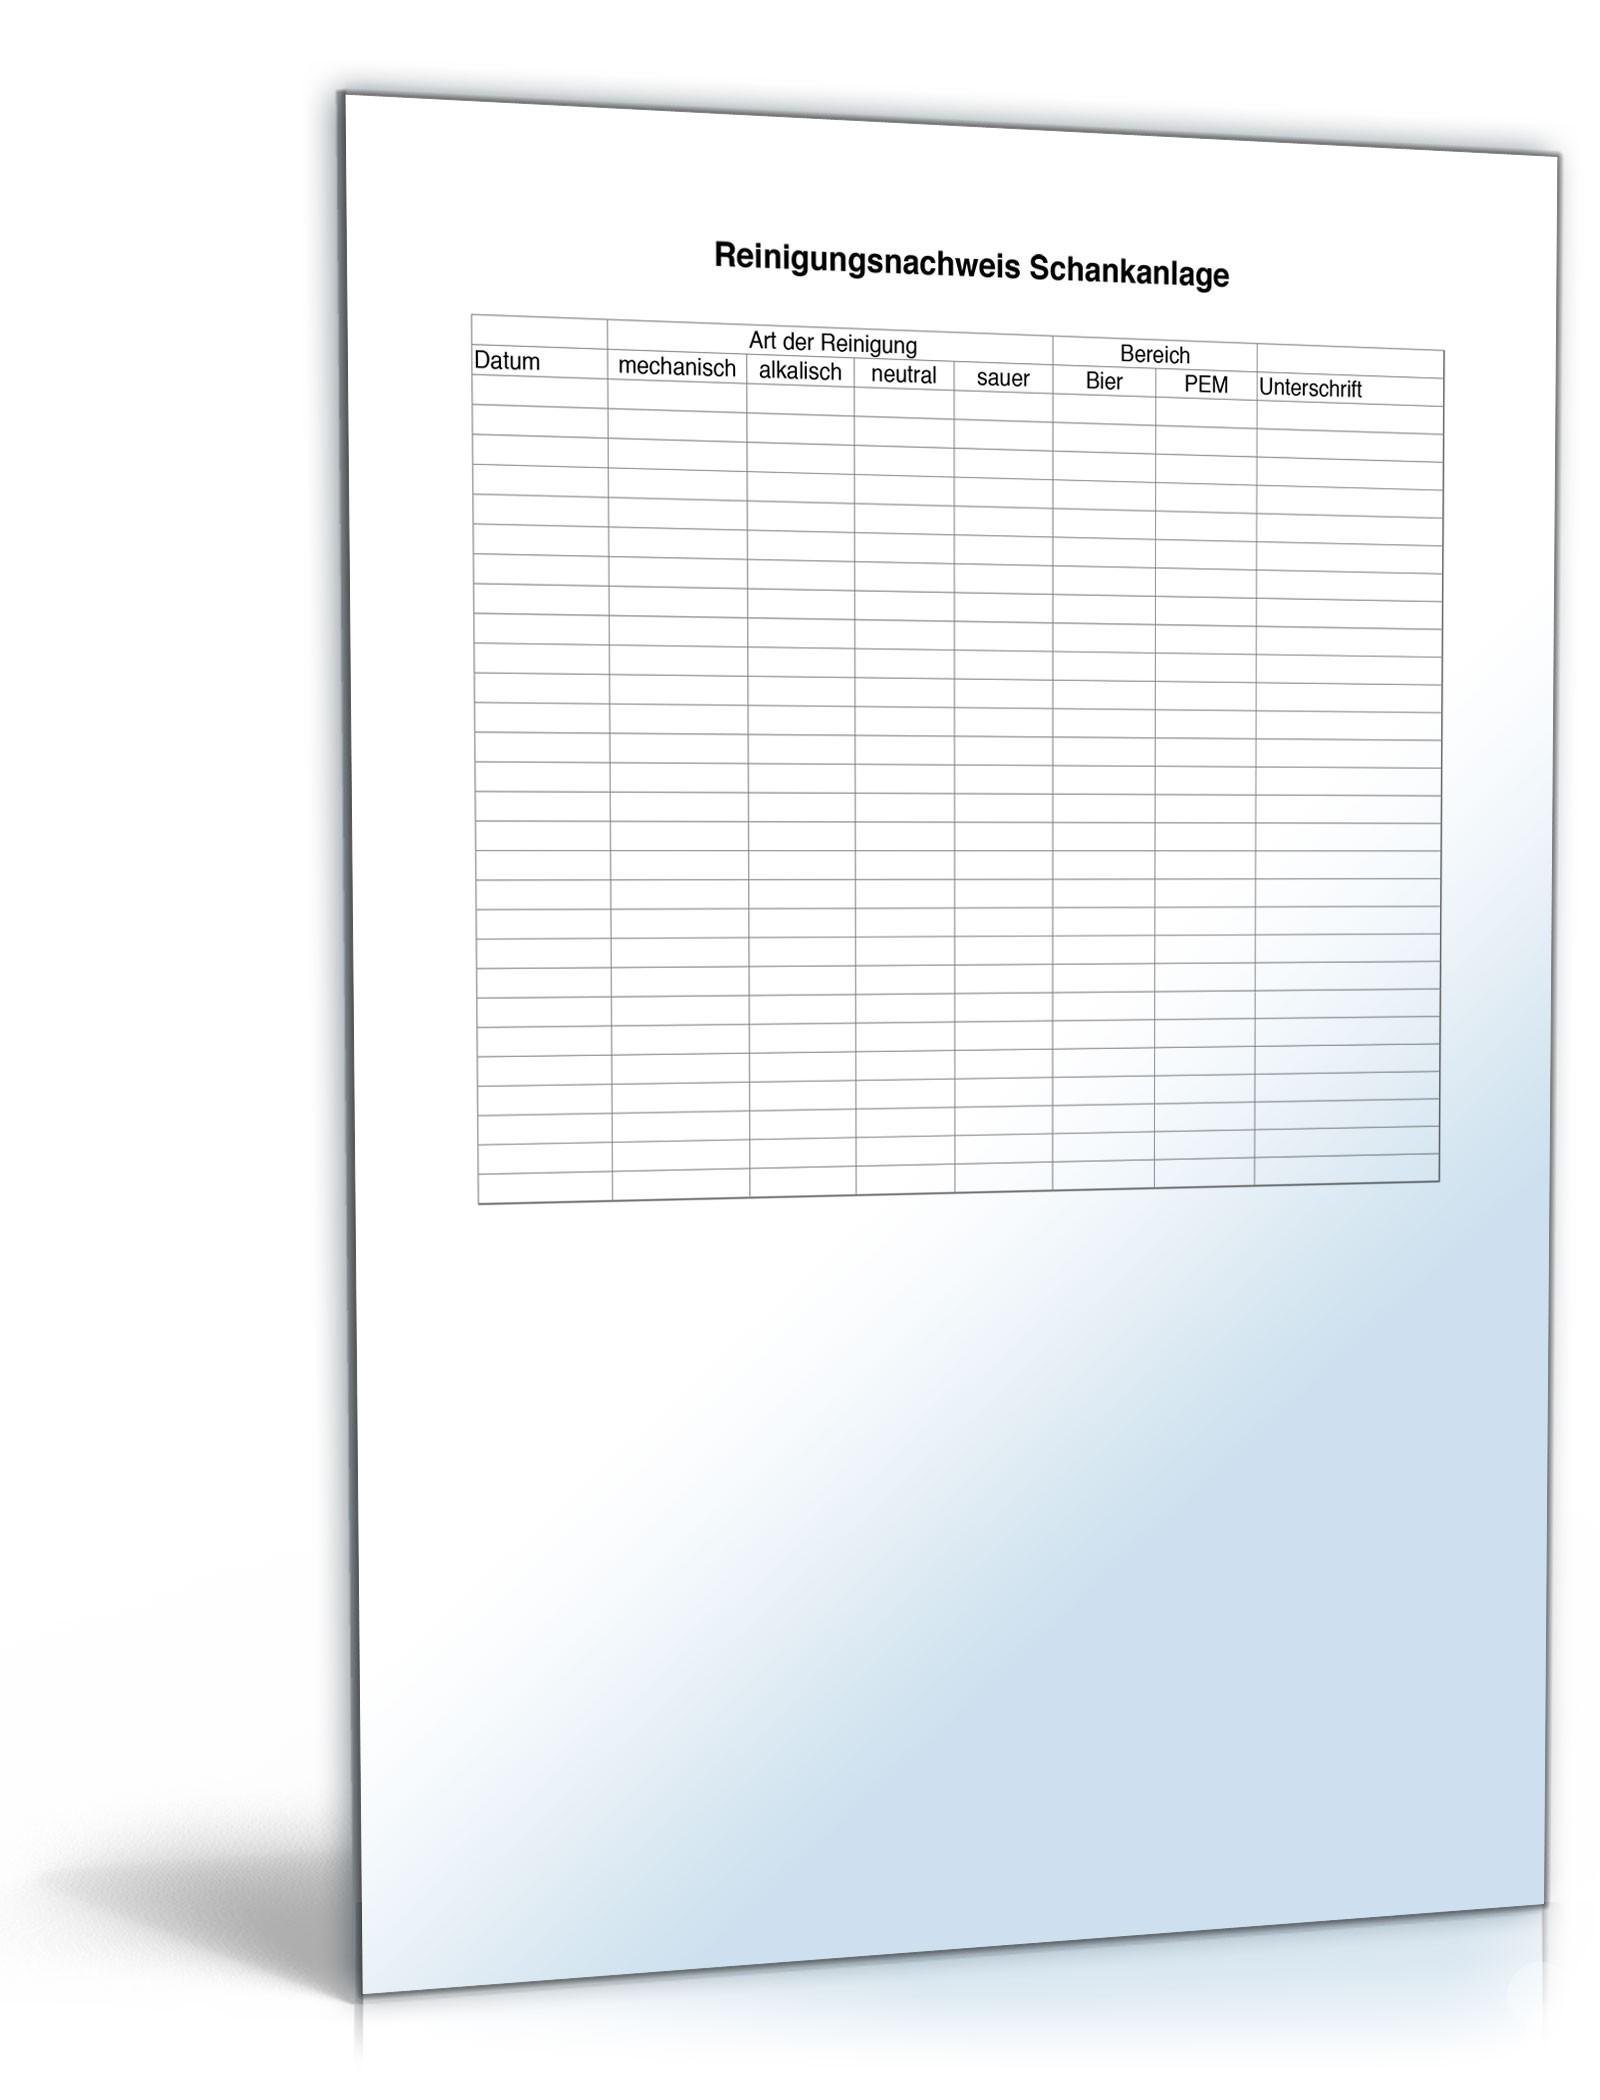 Musterbriefe Geschäftsbriefe : Reinigungsnachweis schankanlage vorlage zum download